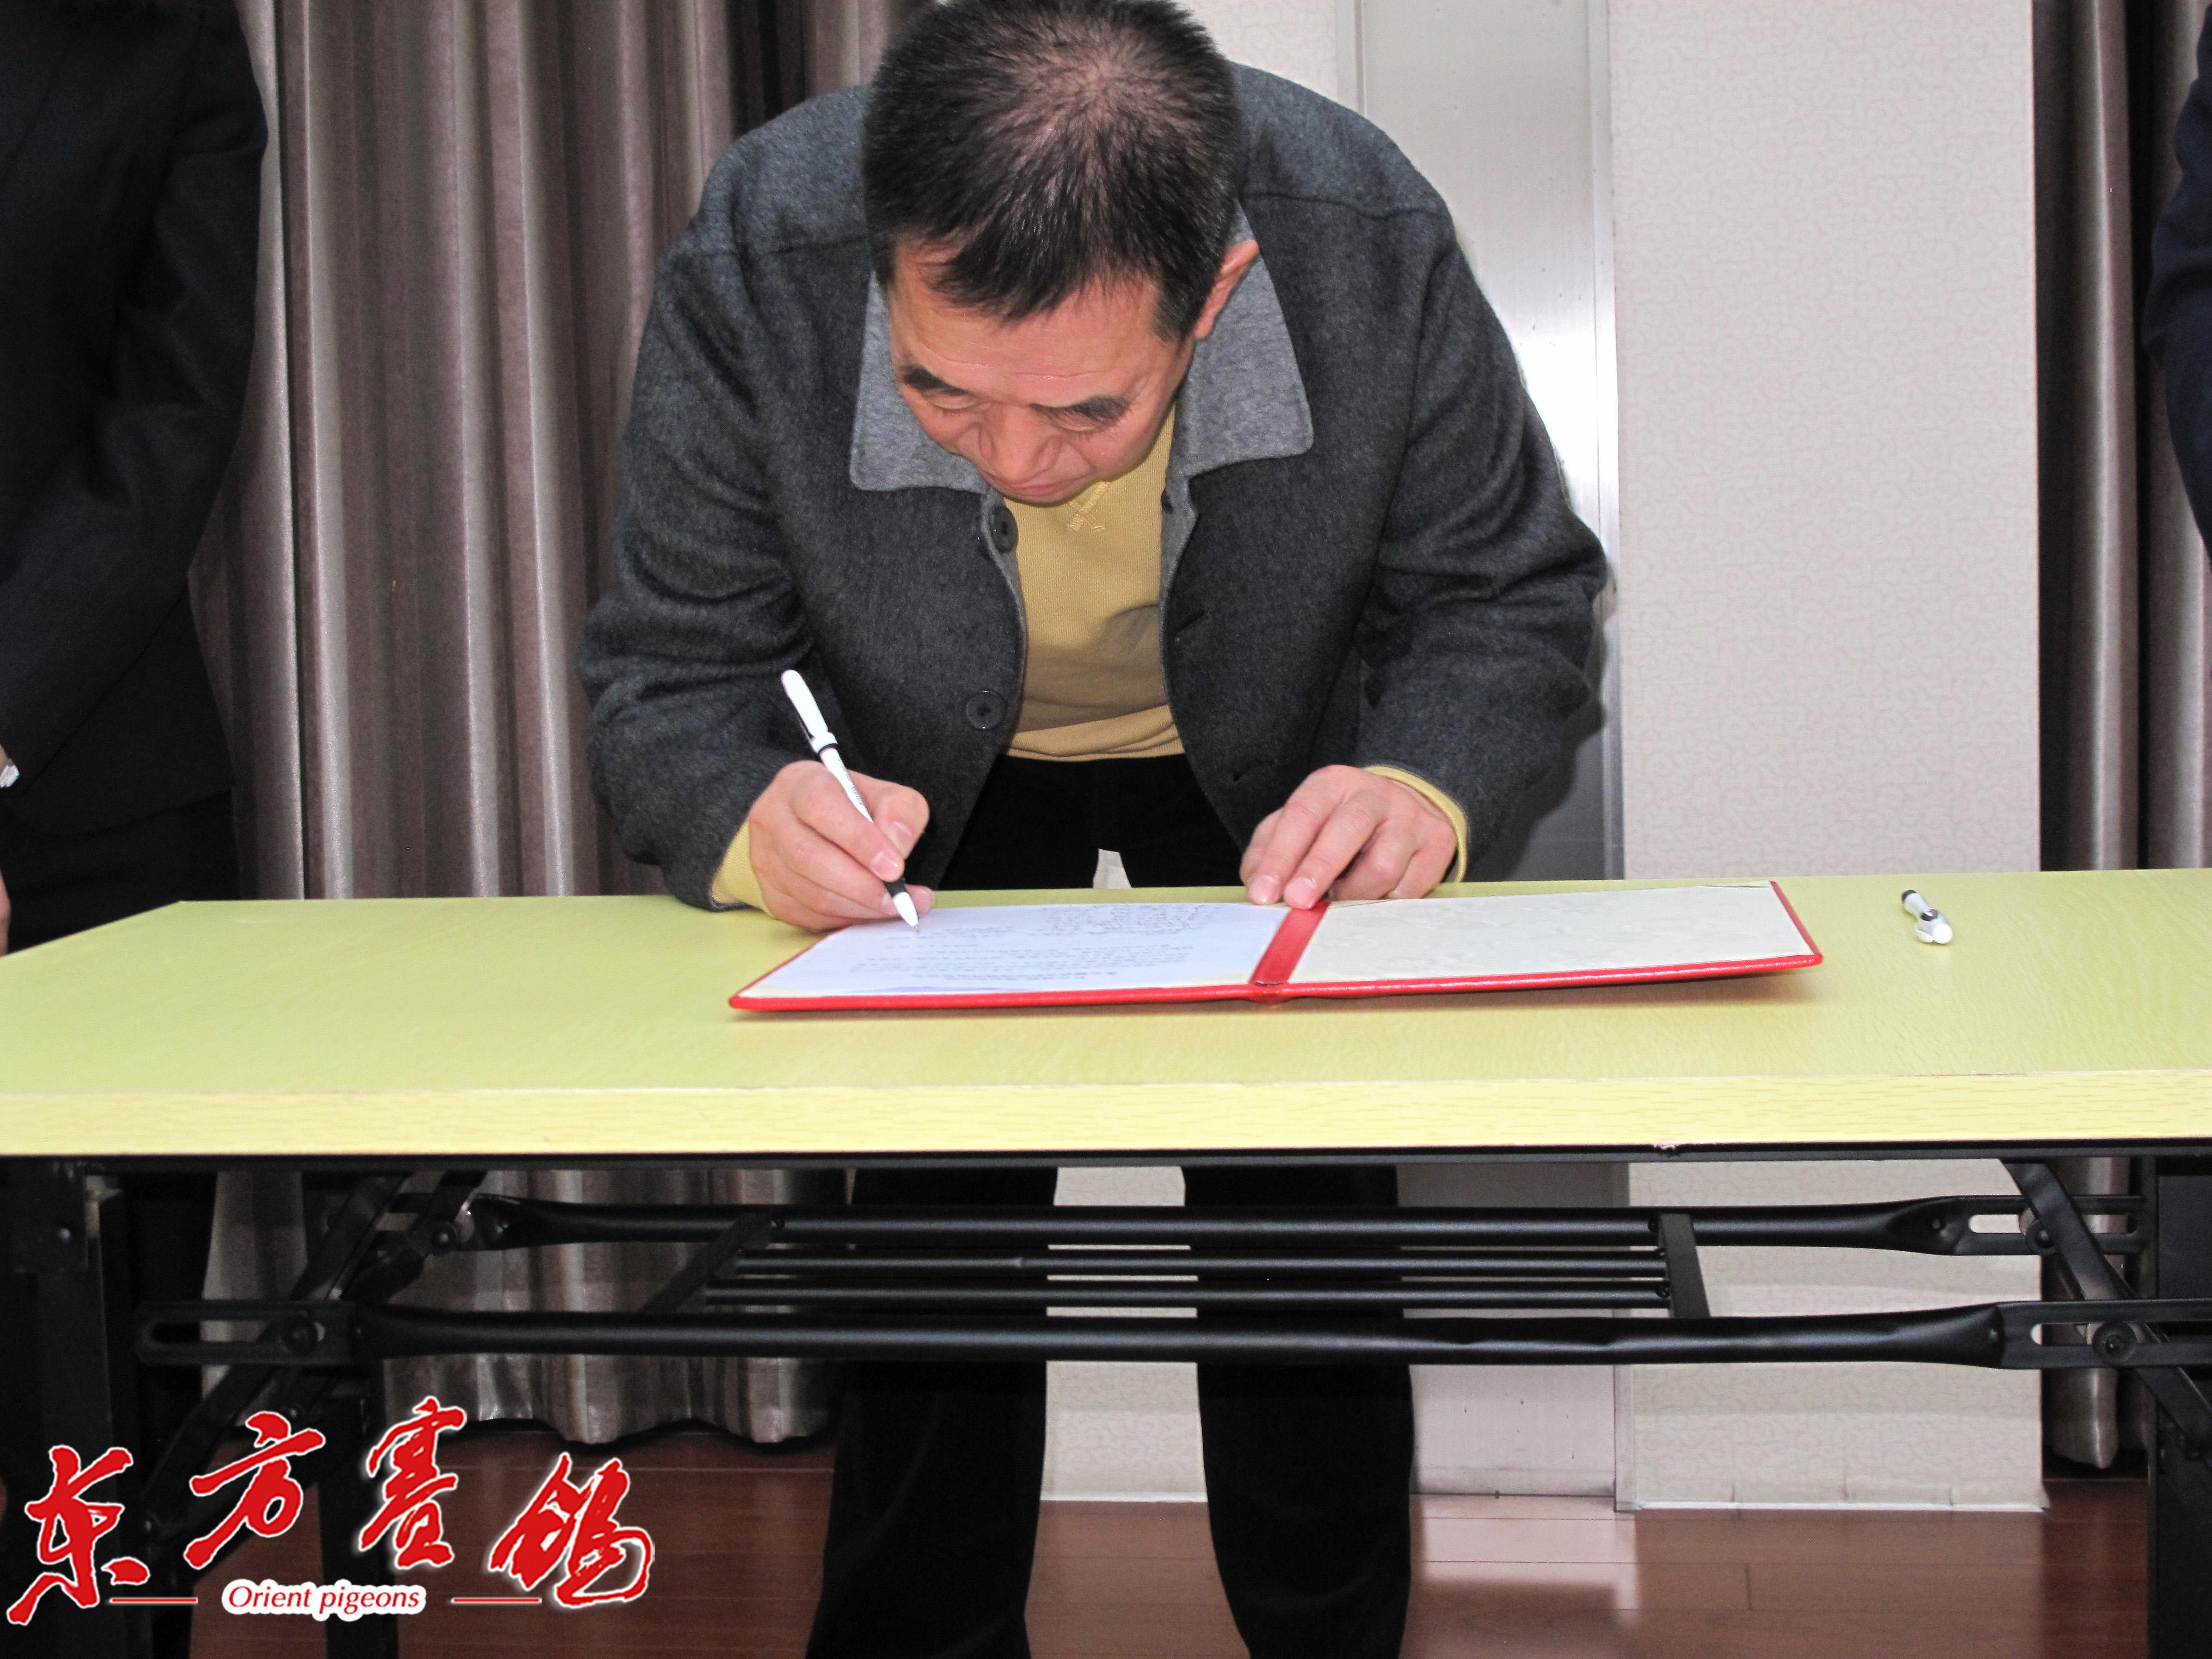 15、天津市信鸽协会主席李国玺在打击网鸽协议书上签字。